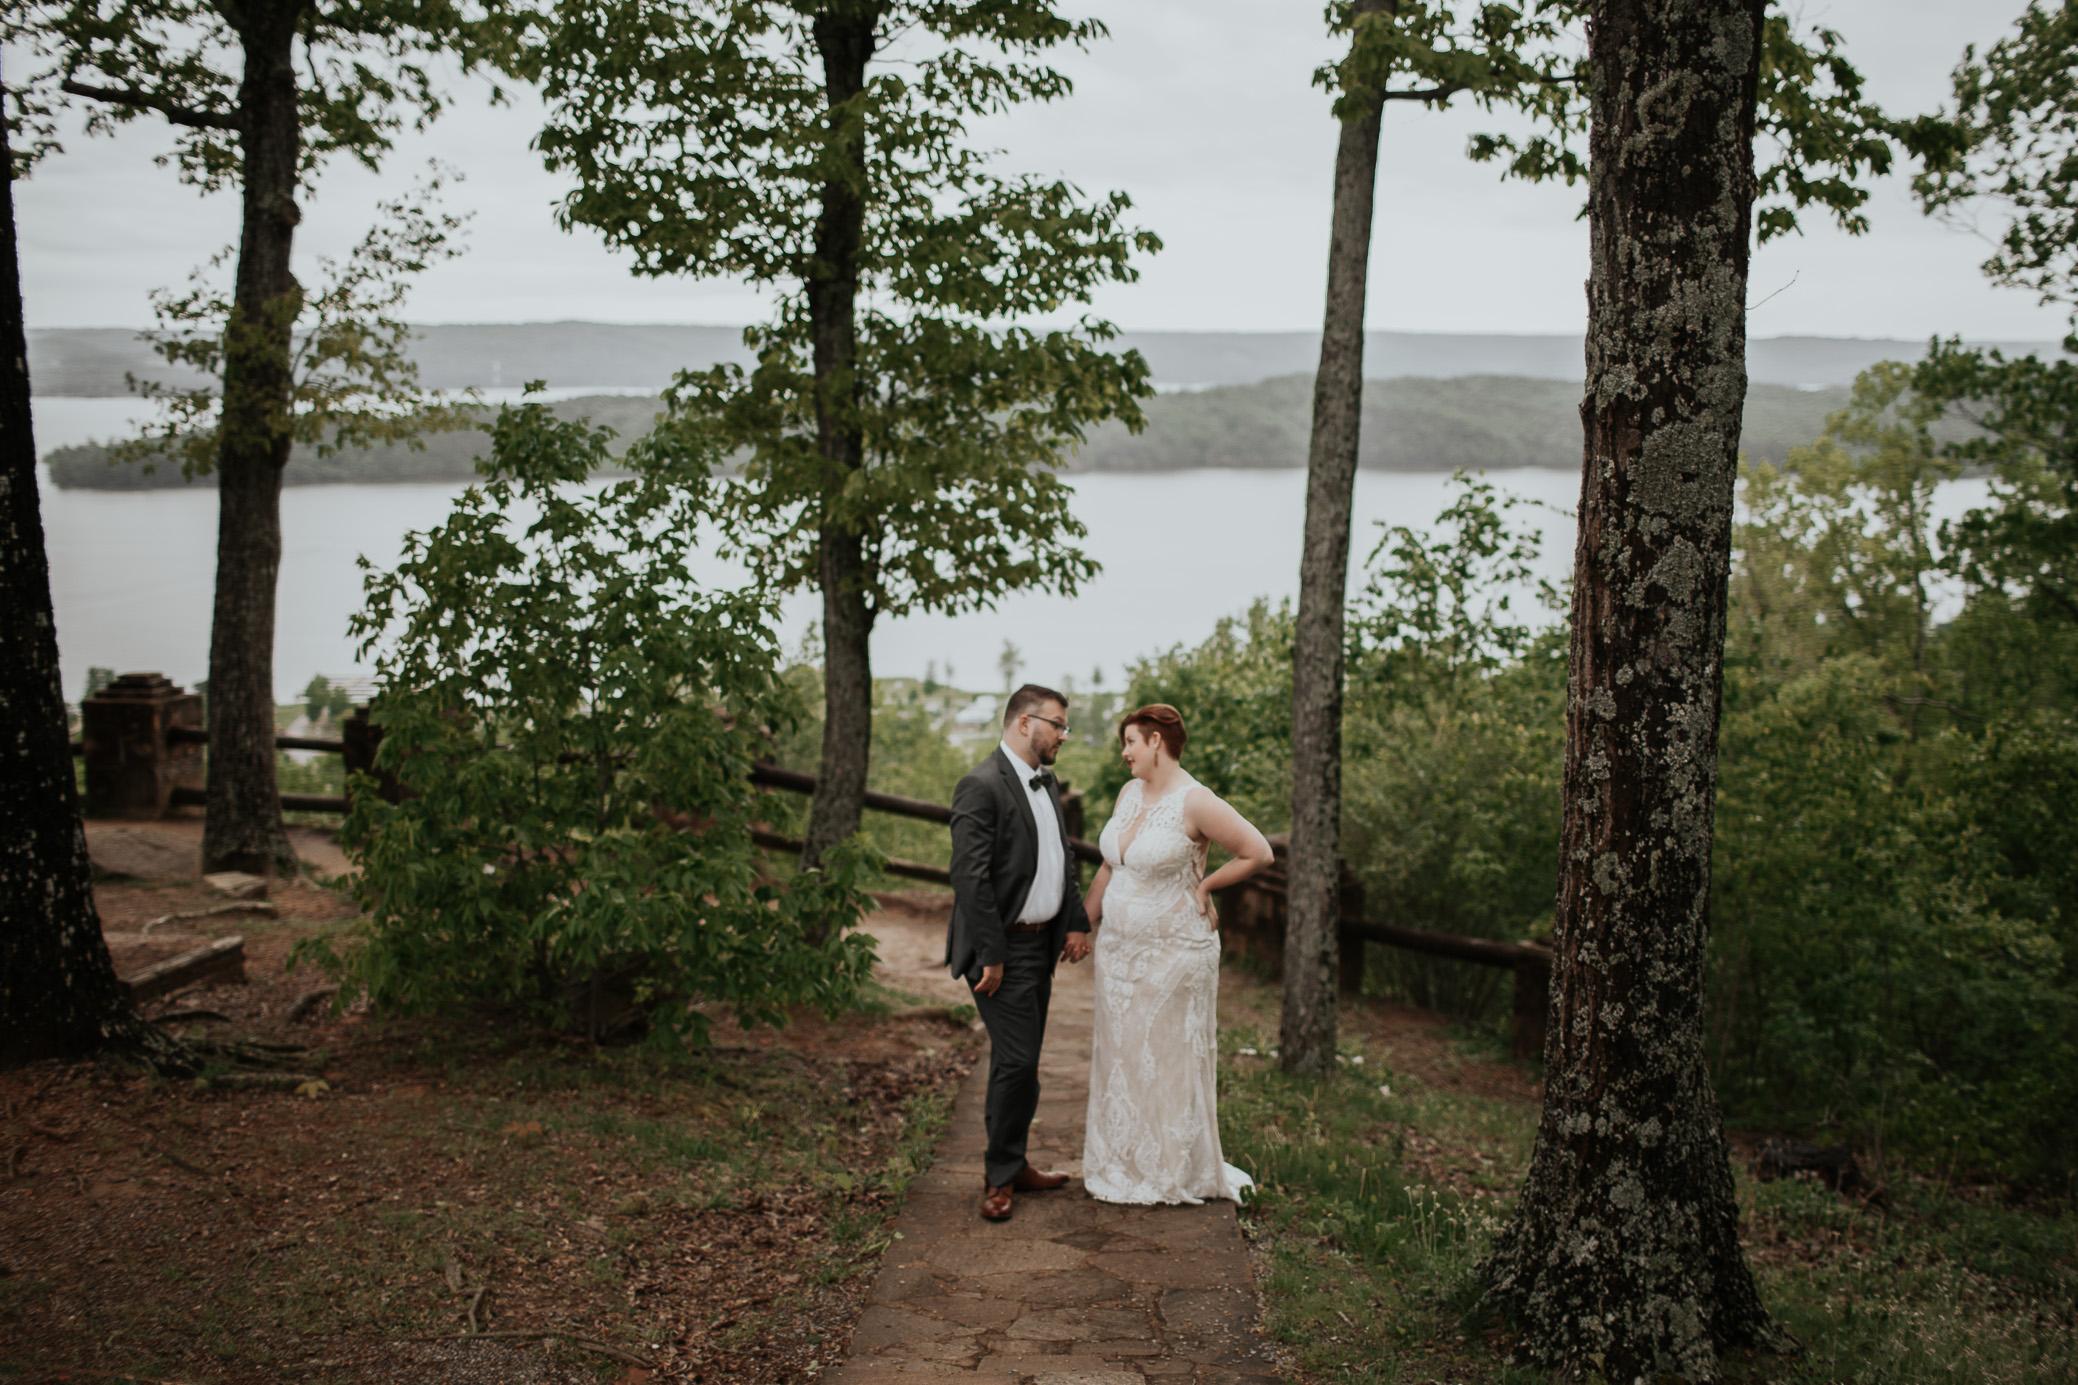 Alabama and North Carolina wedding photography at Lake Guntersville State Park by David A. Smith of DSmithImages Wedding Photography, Portraits, and Events, a wedding photographer in Birmingham, Alabama and Atlanta, Georgia.